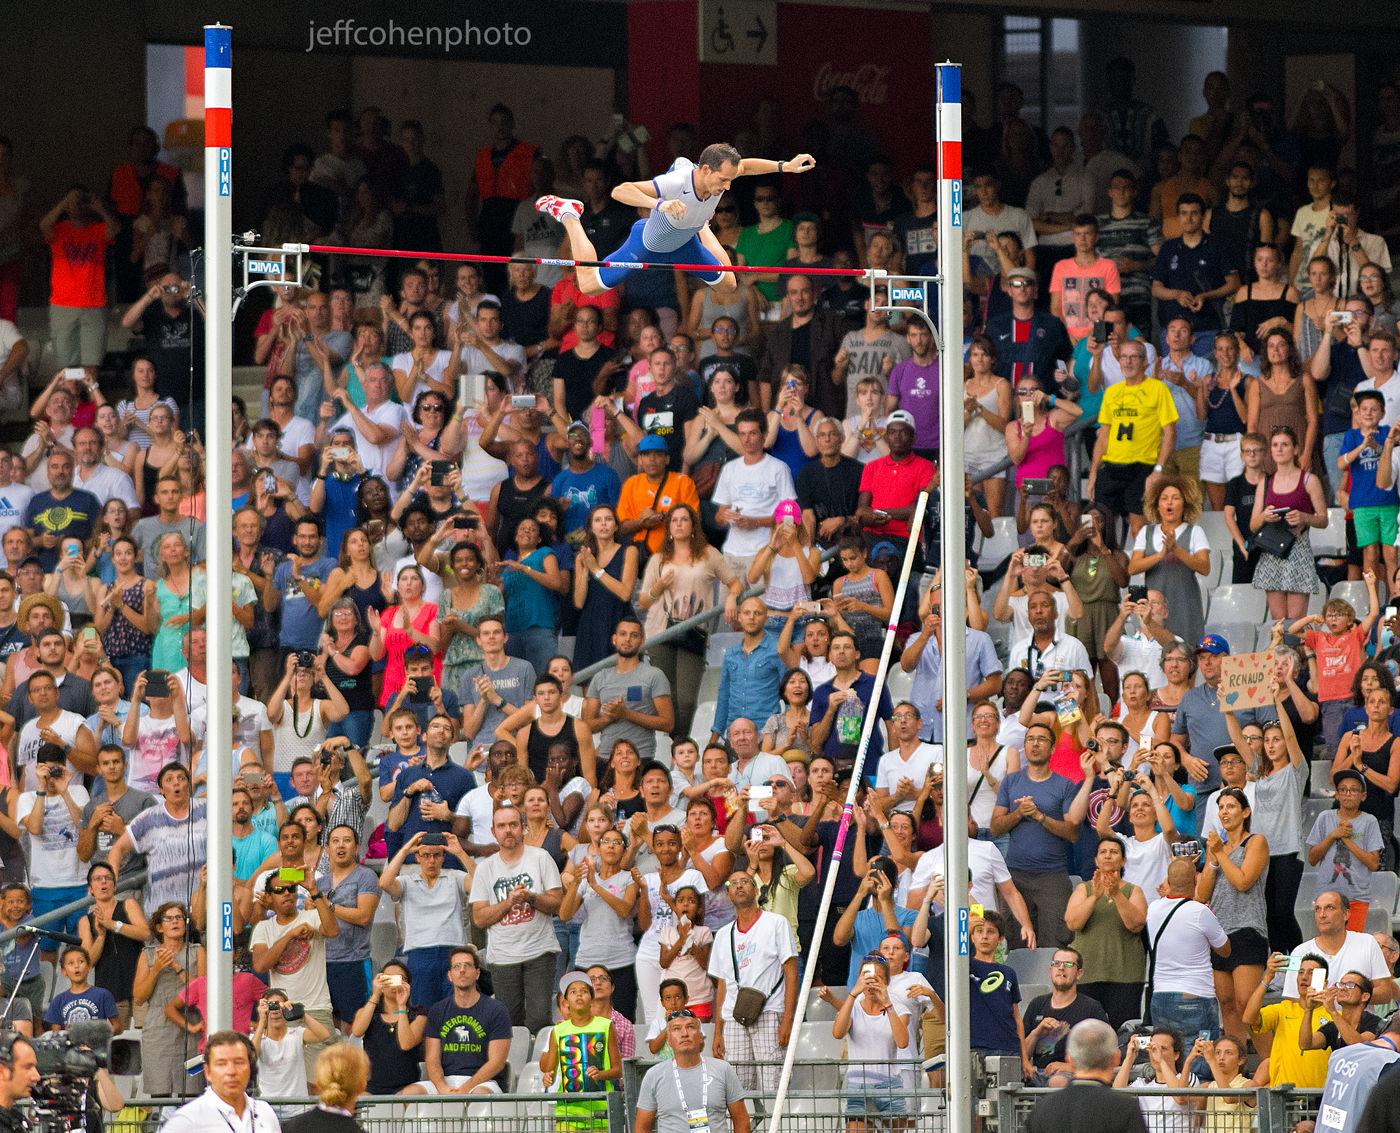 1r2016_meeting_de_paris_lavillenie_pv_jeff_cohen_photo_880_web.jpg